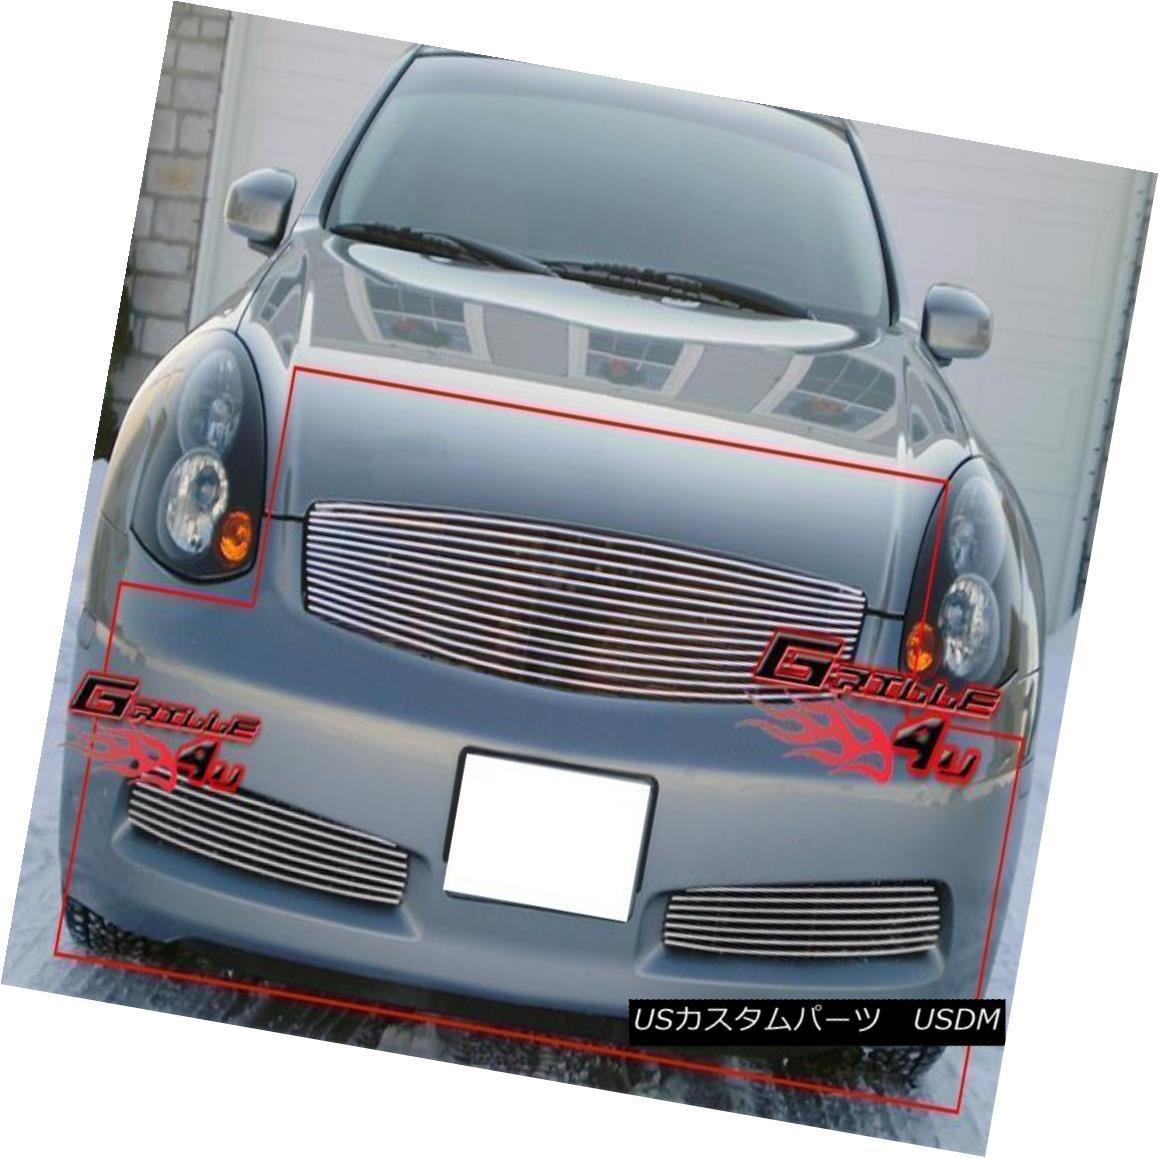 グリル Fits 2003-2007 Infiniti G35 Coupe Billet Grille Combo フィット2003-2007インフィニティG35クーペビレットグリルコンボ